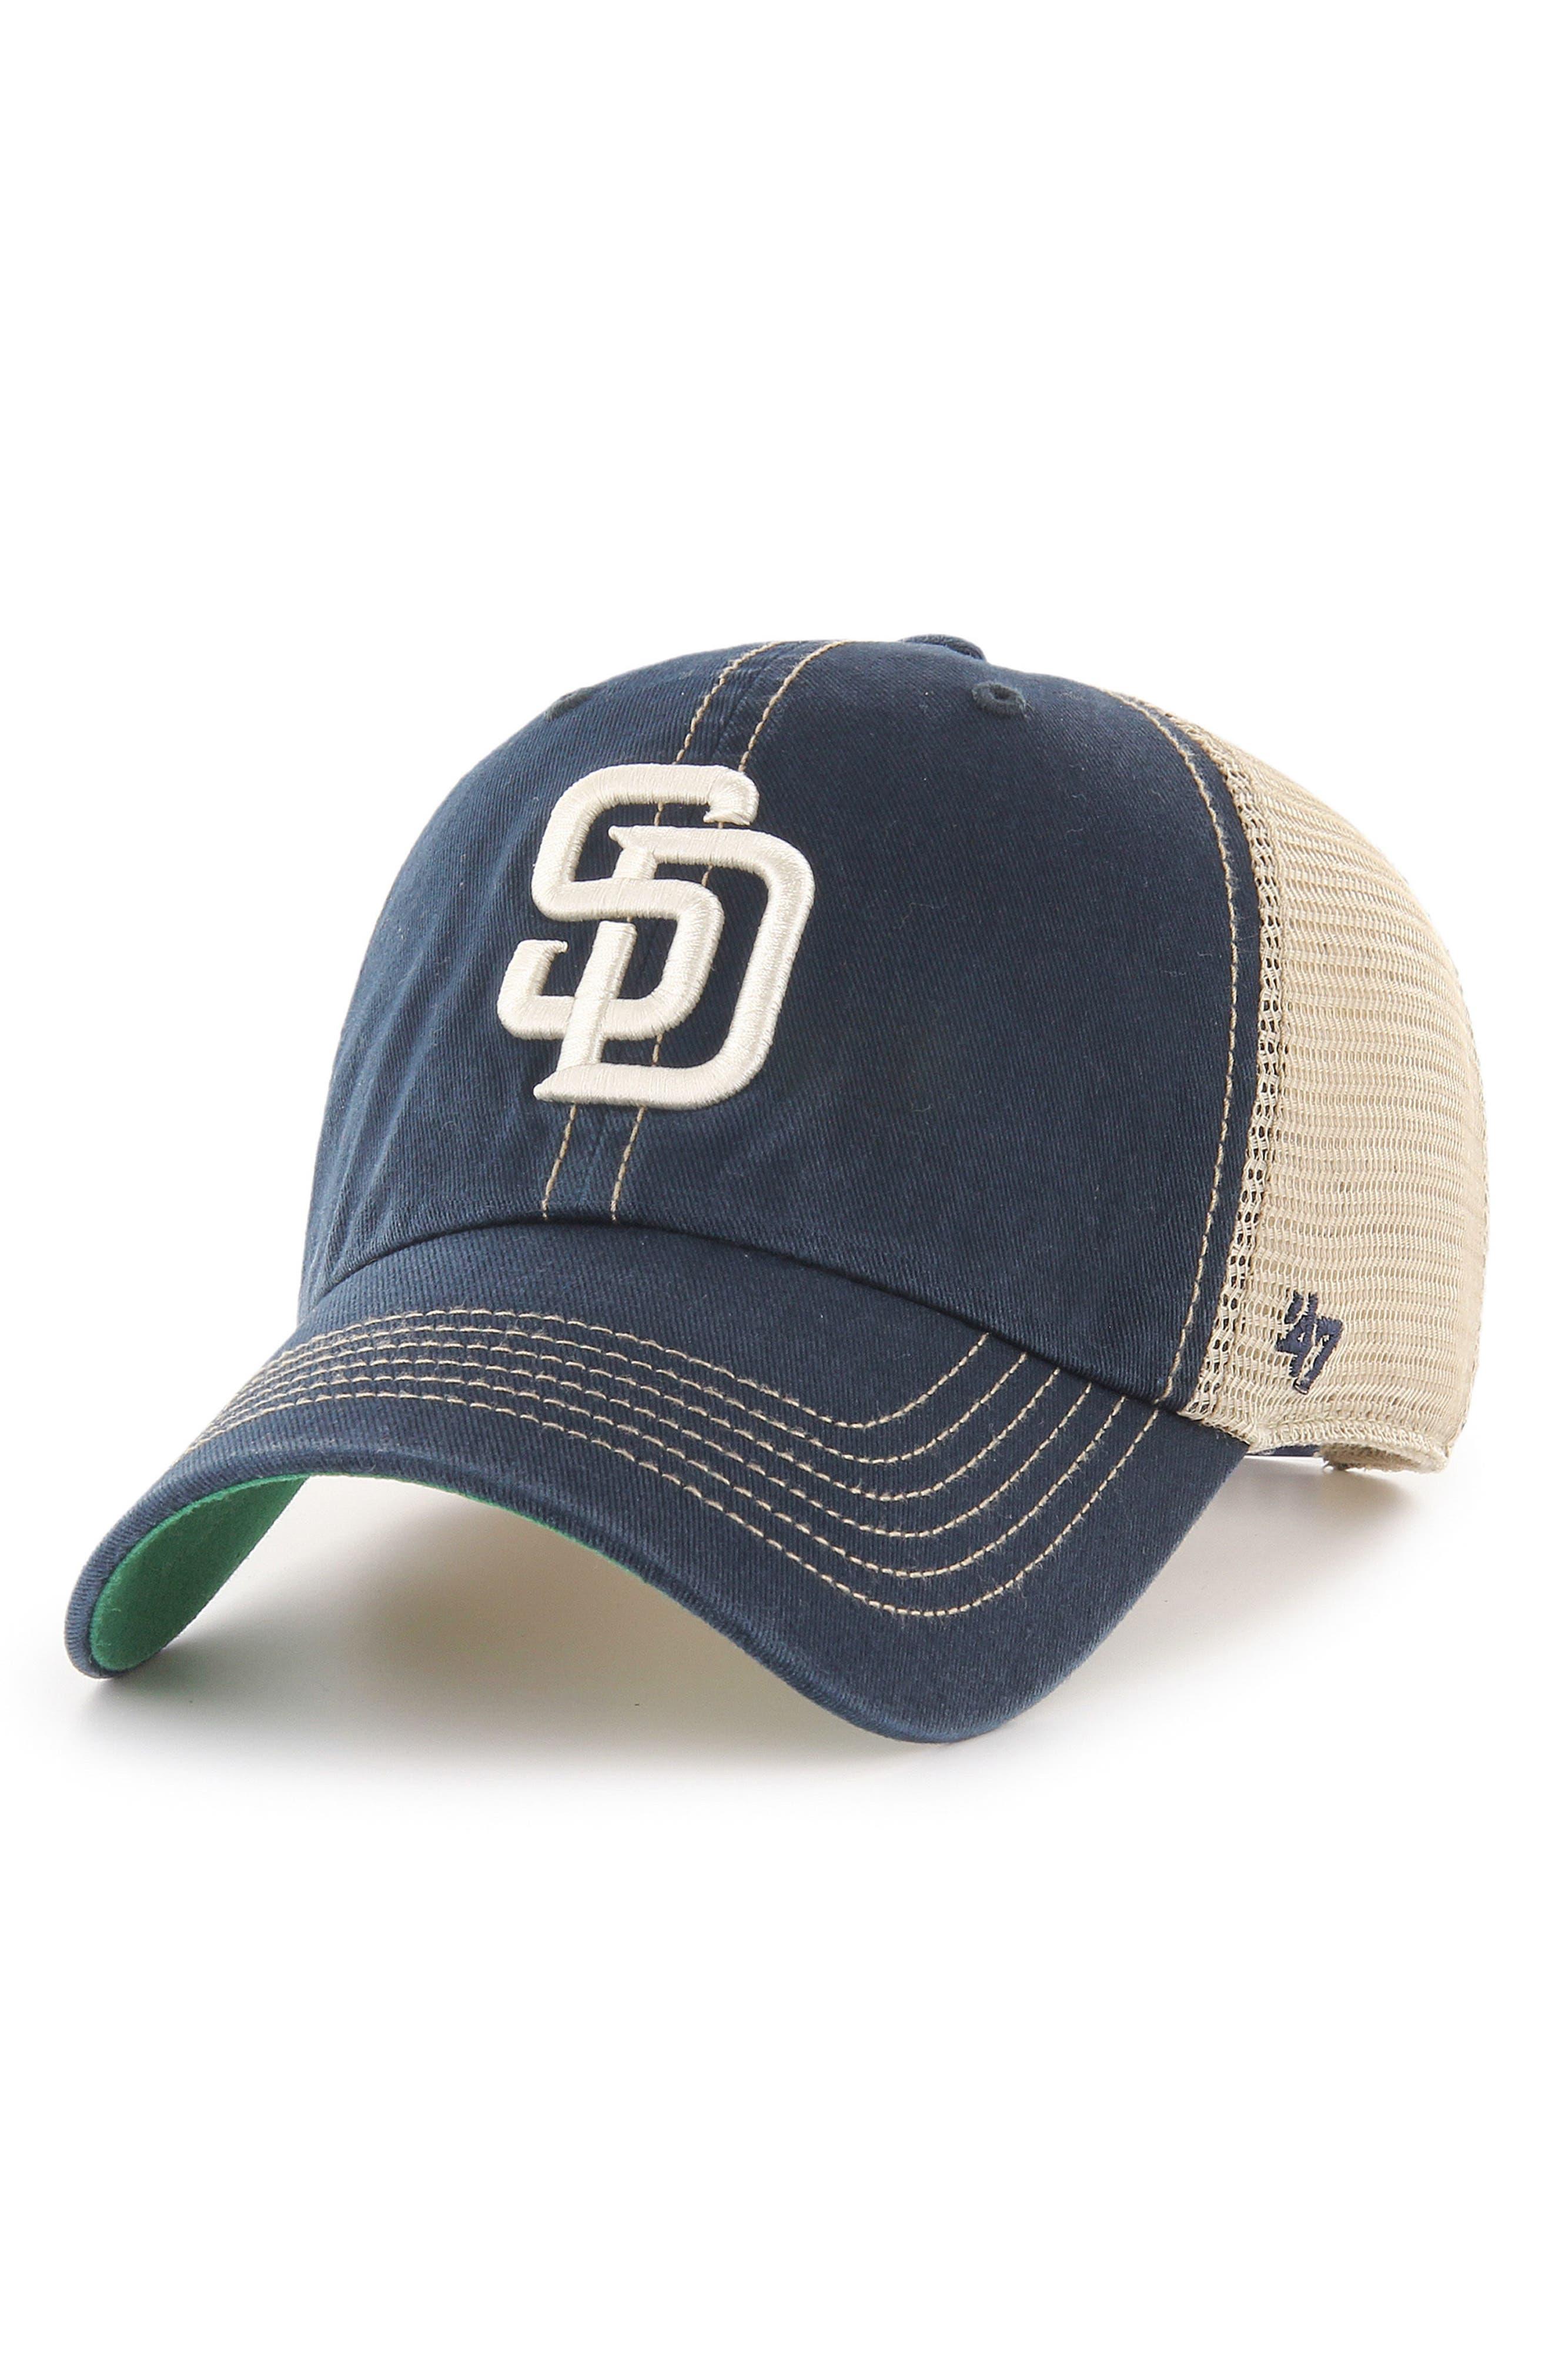 '47 MLB Trawler Ball Cap